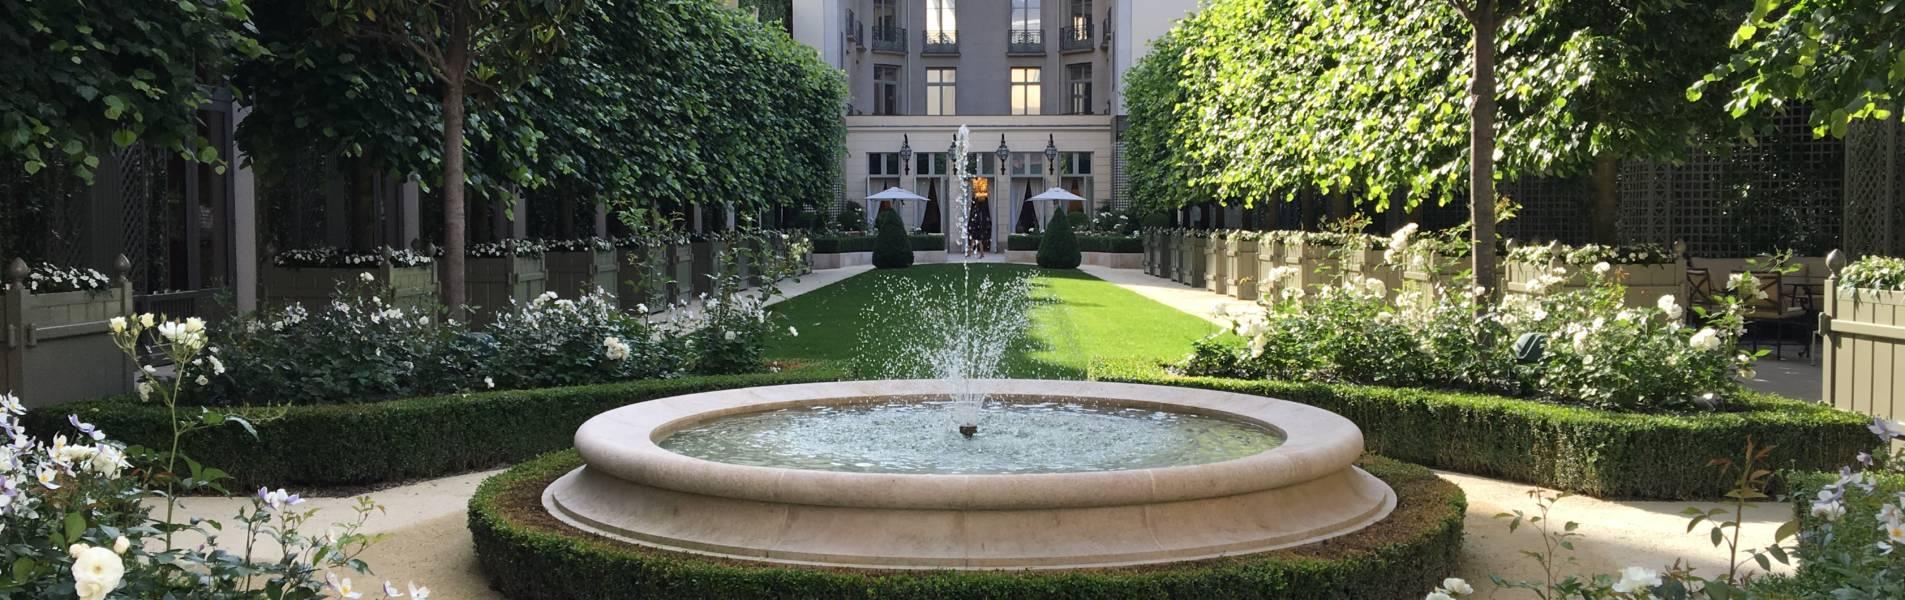 Le Ritz ***** place Vendôme